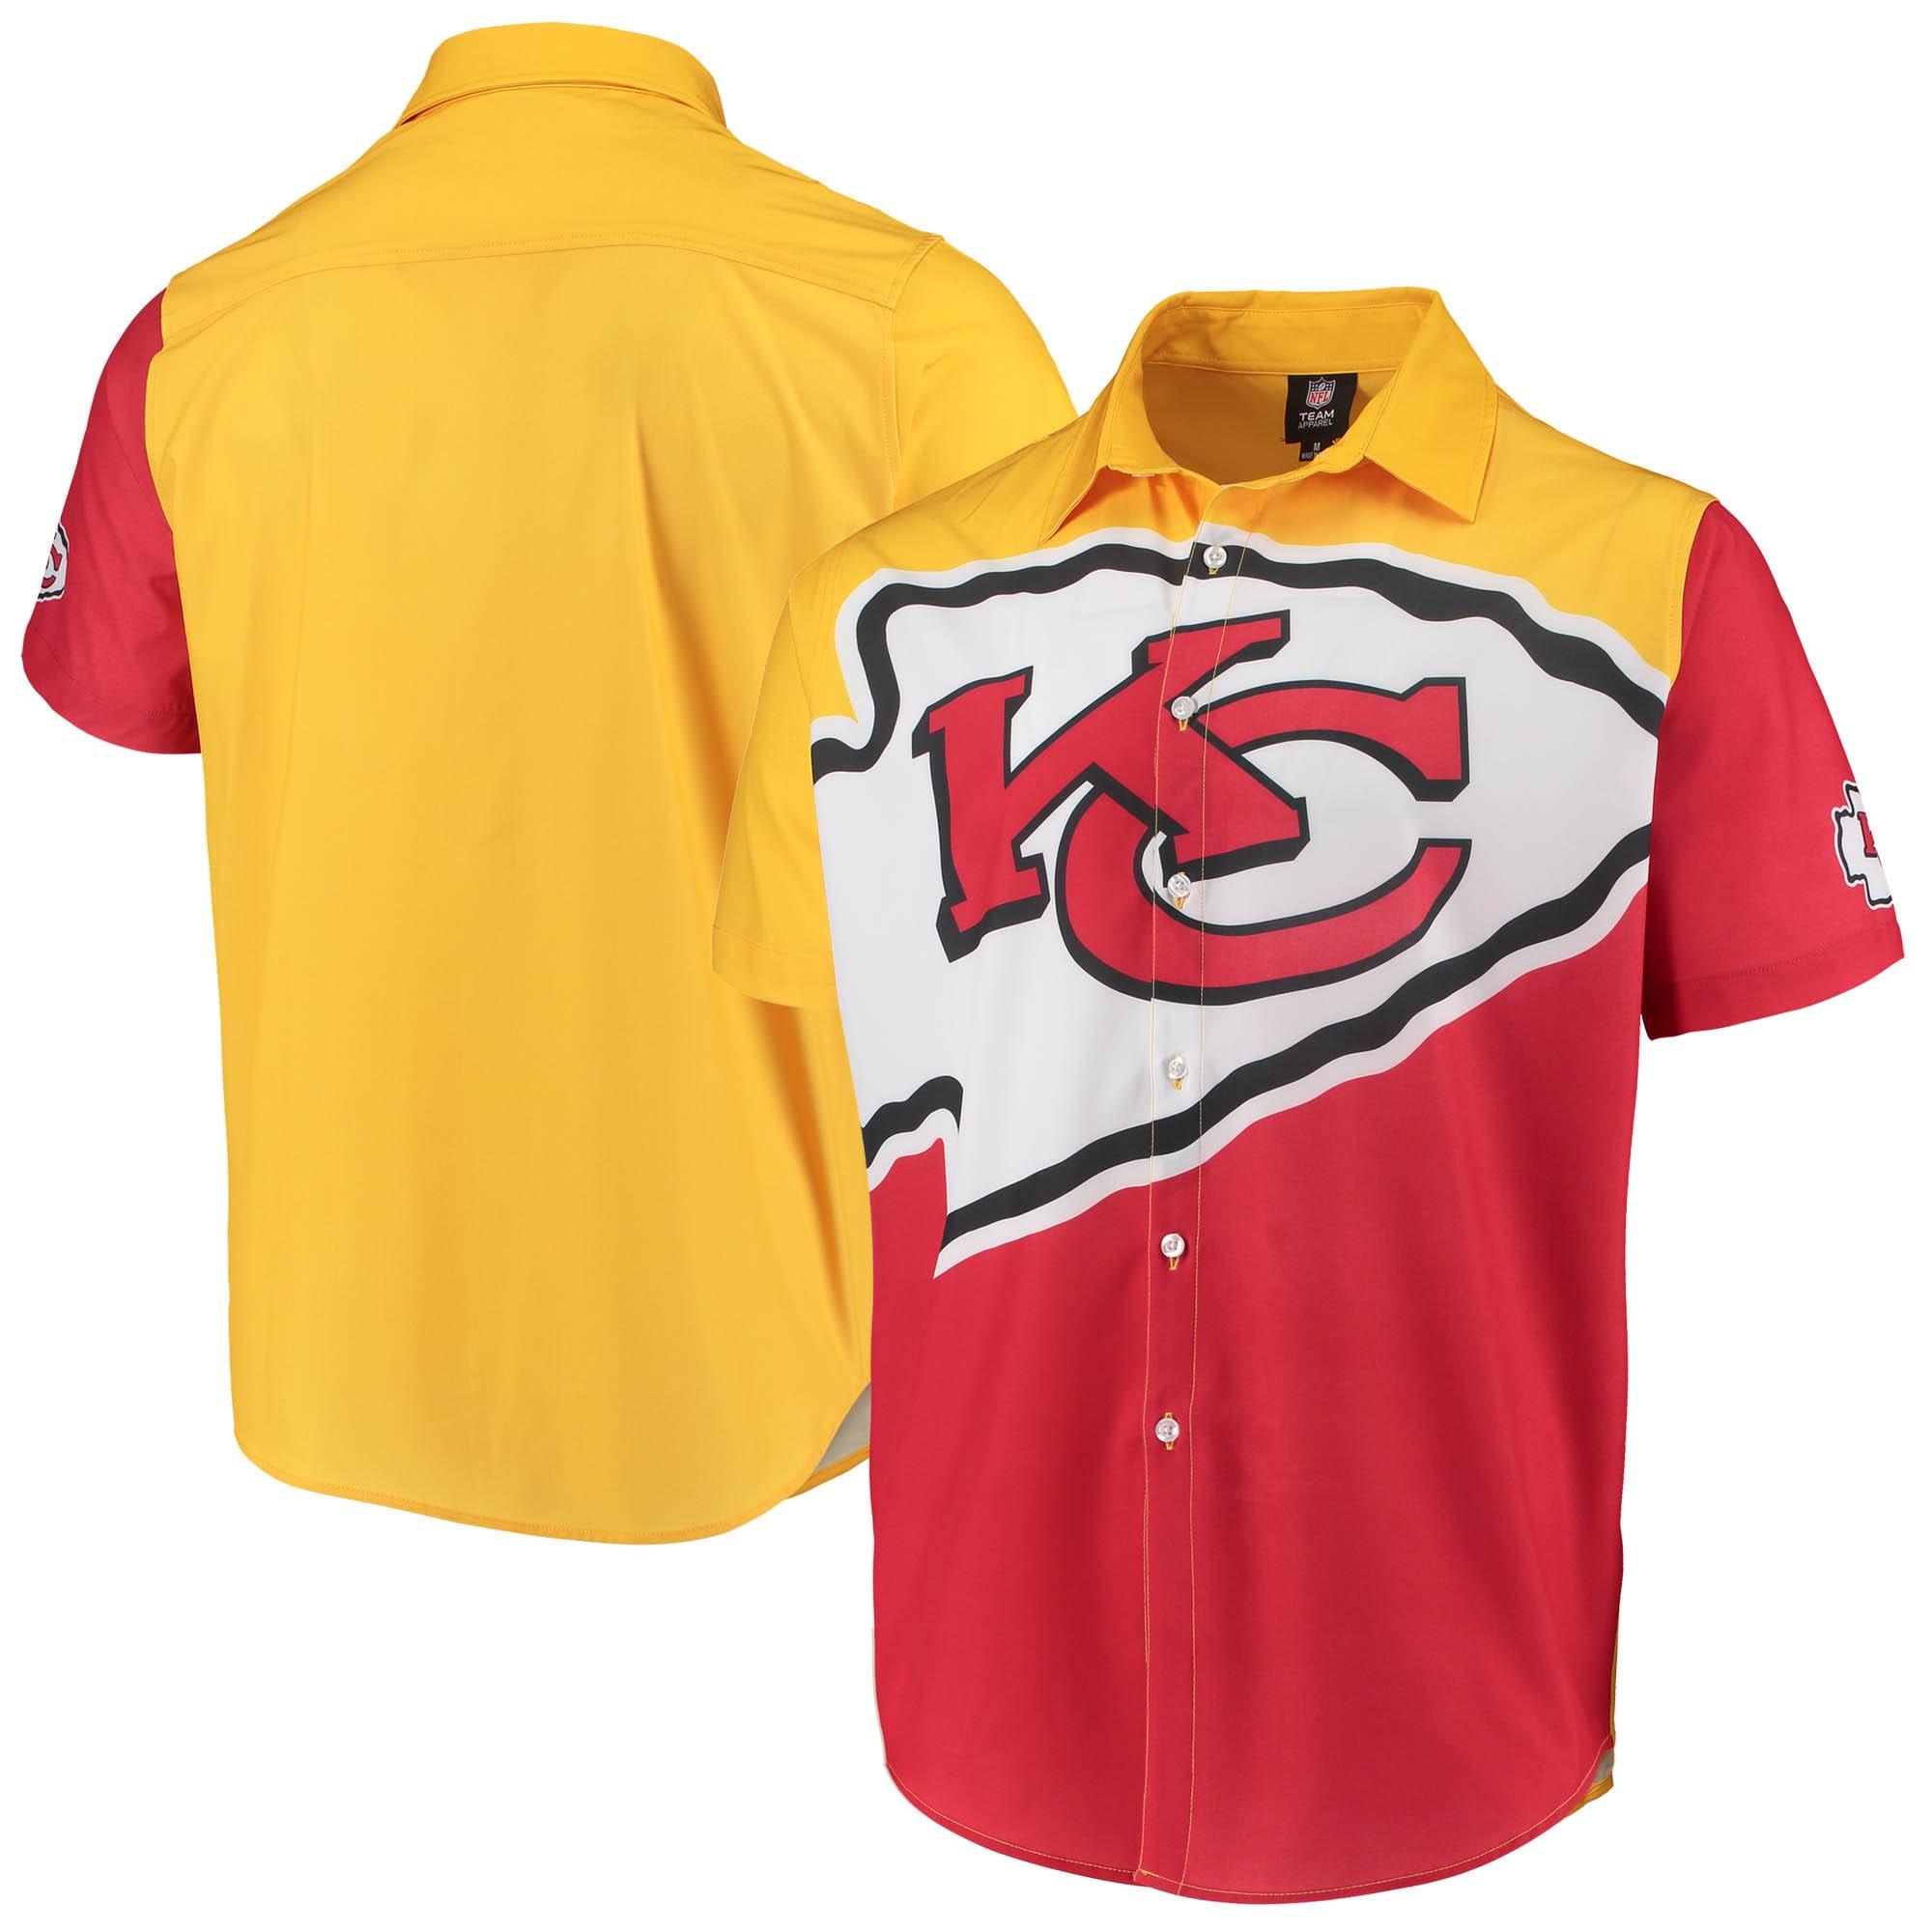 Kansas City Chiefs Big Logo Button-Up Woven T-Shirt - Red